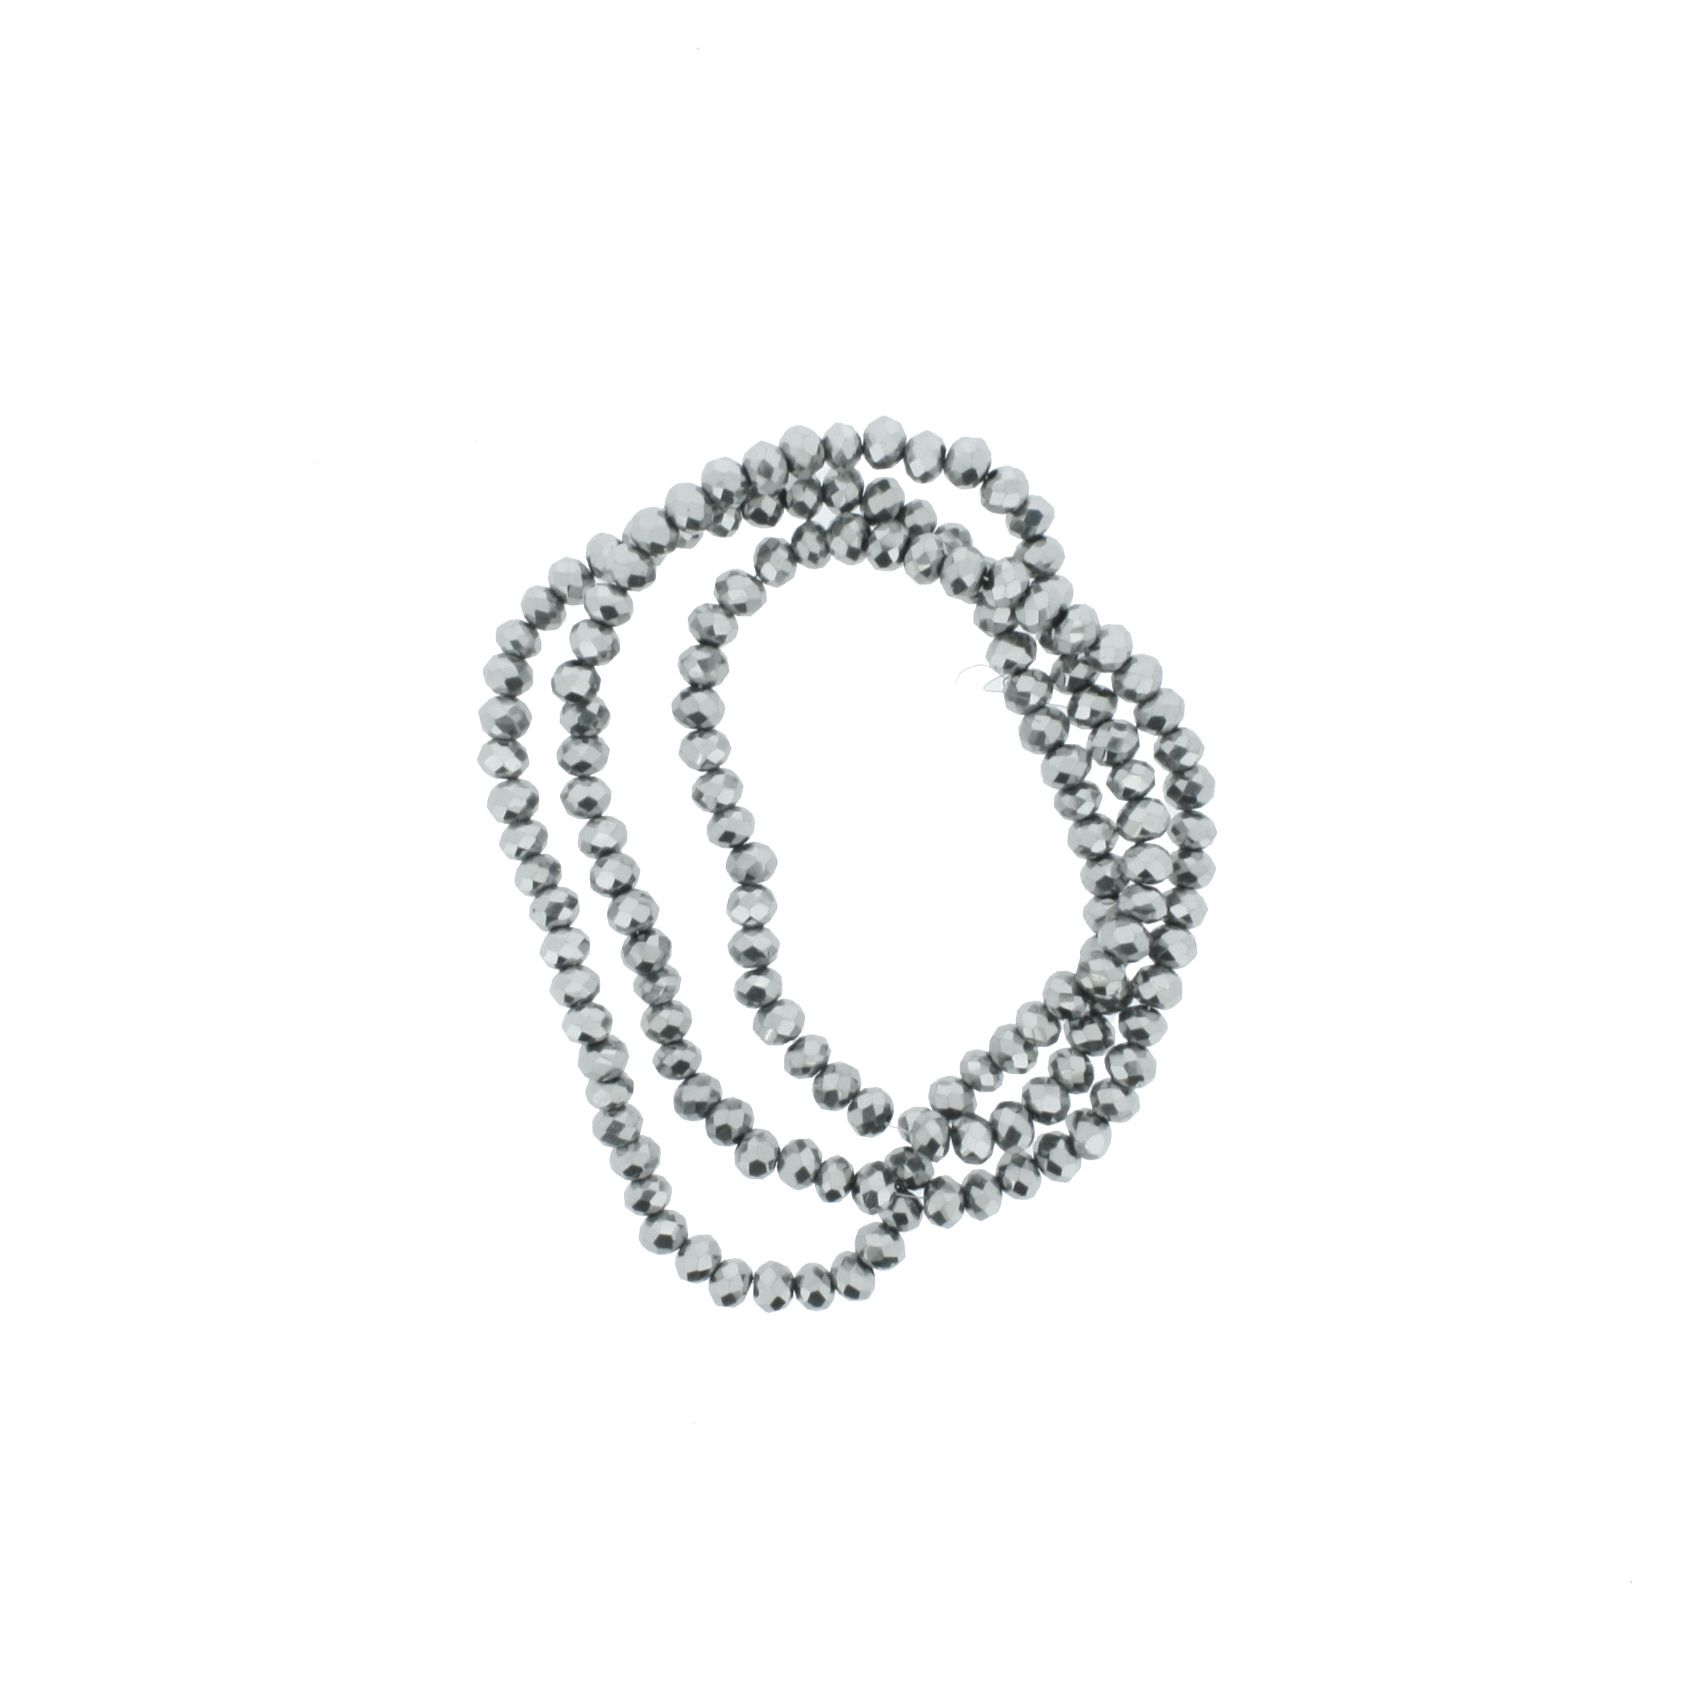 Fio de Cristal - Flat® - Grafite - 4mm  - Stéphanie Bijoux® - Peças para Bijuterias e Artesanato